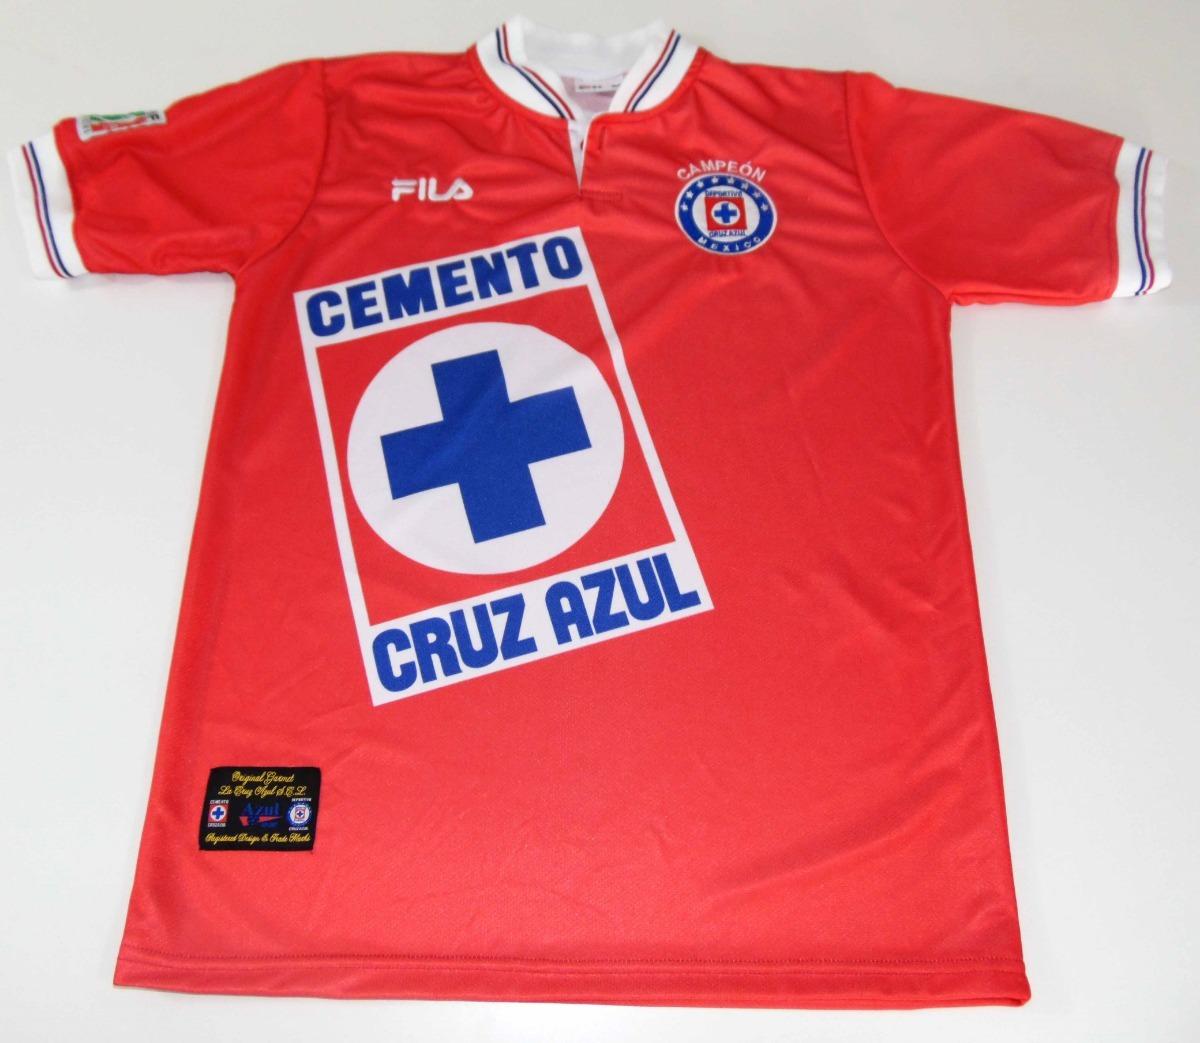 6e088436f jersey cruz azul invierno 97 campeon conmemorativa reedicion. Cargando zoom.